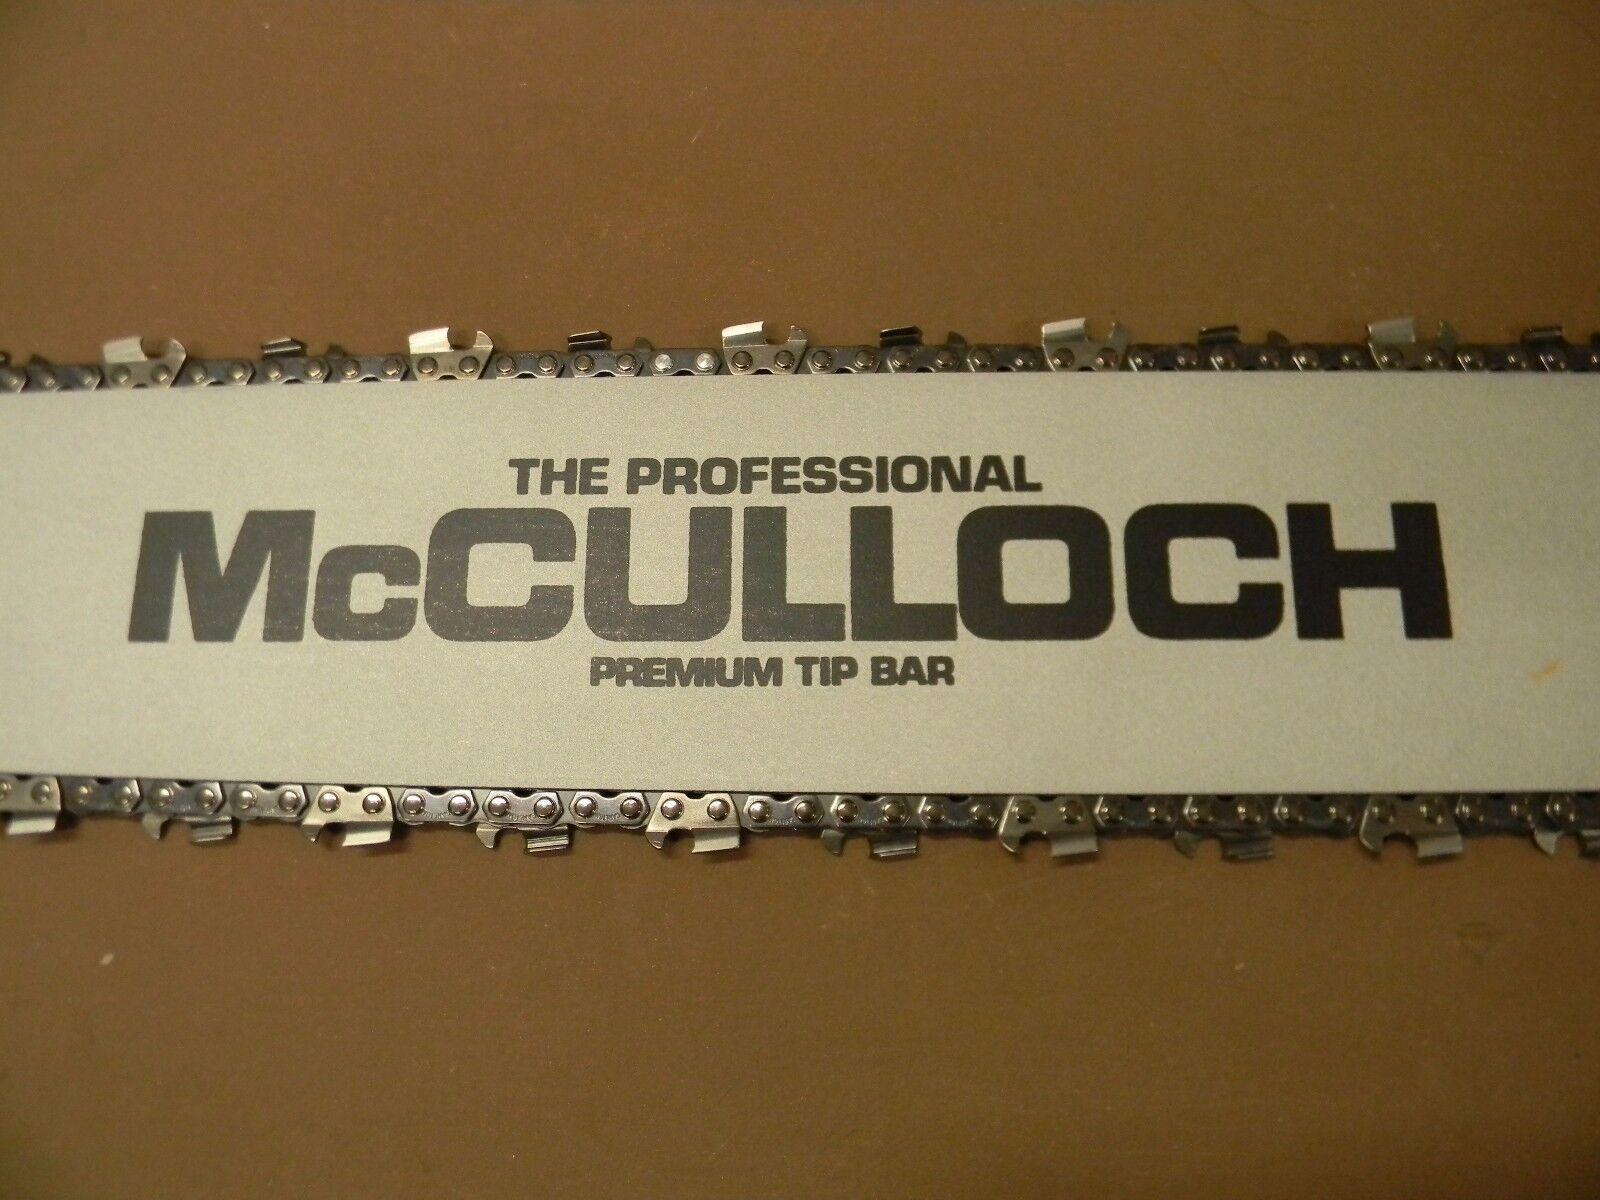 McCulloch 32  Bar 105 125 D44 1-40 1-60 1-70 250 300 450 550 790 795 1000 81